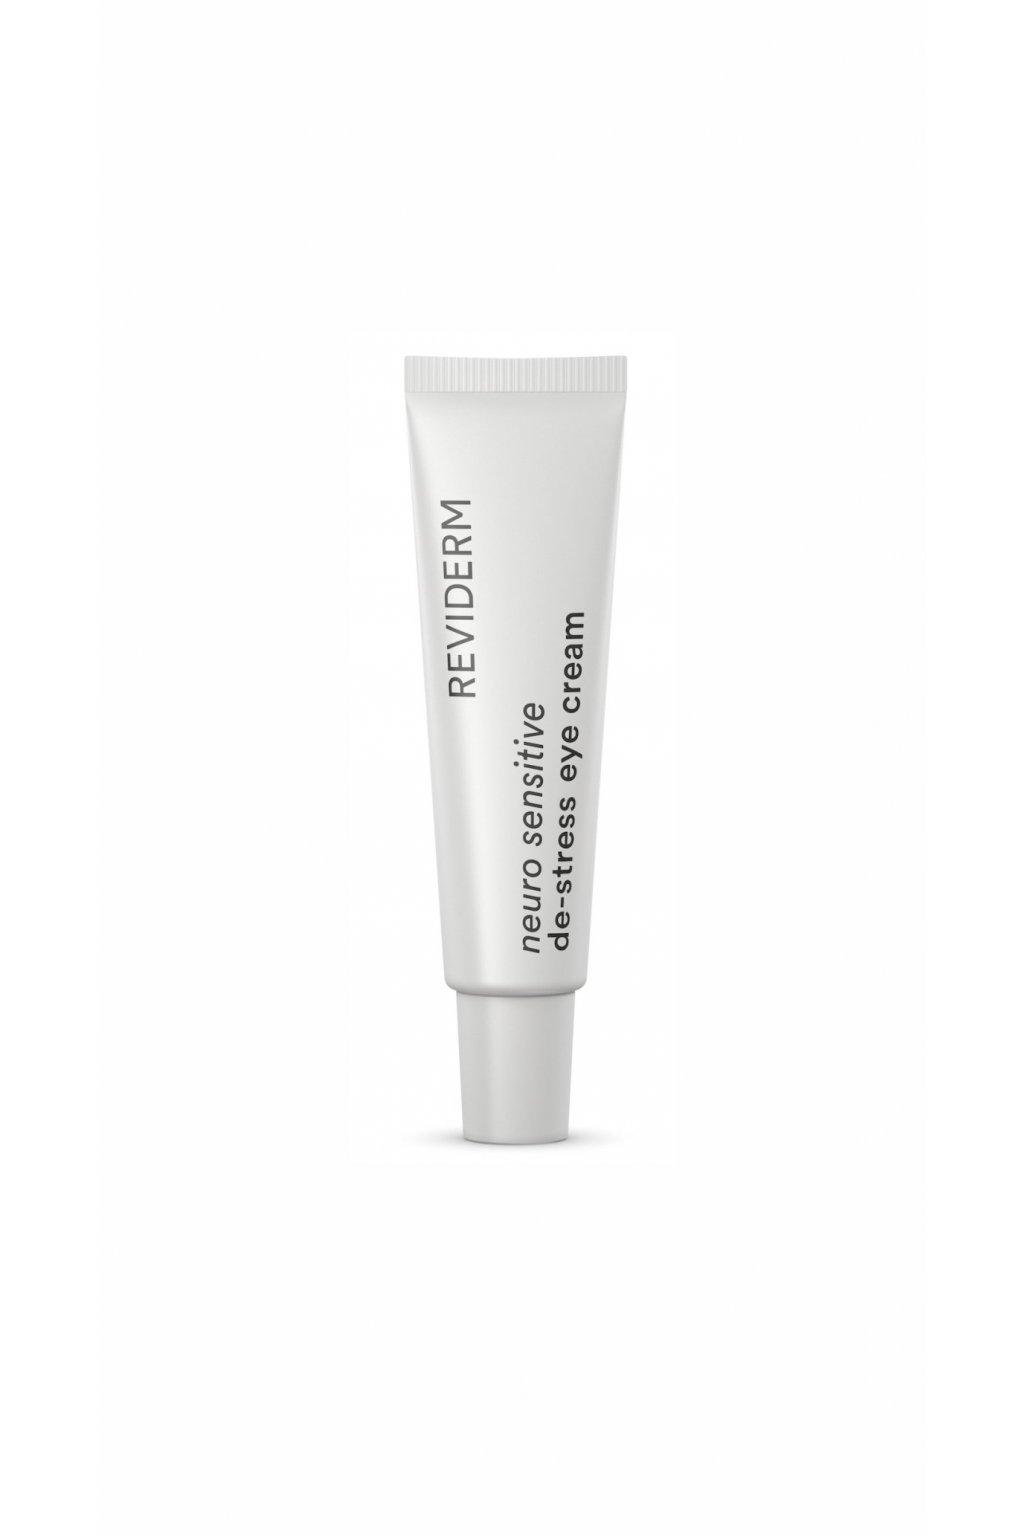 50018 neuro sensitive de stress eye cream